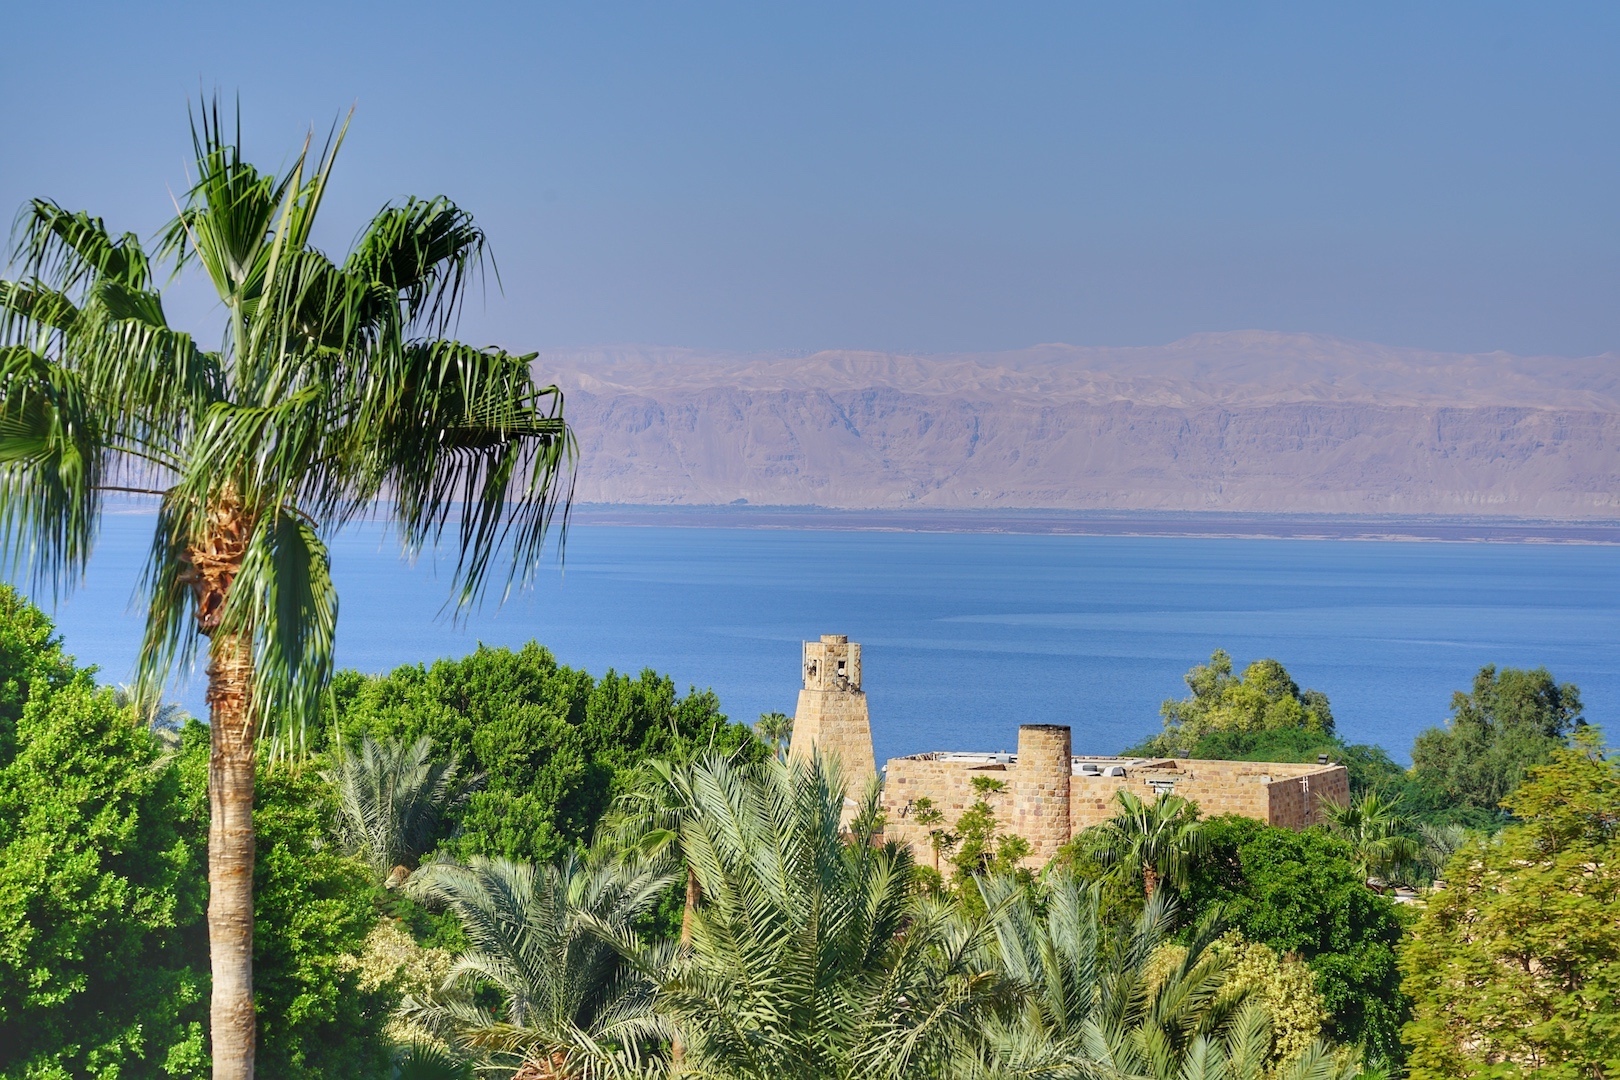 Die Luxusanlage ist eingebettet in ein Meer an grünen Palmen